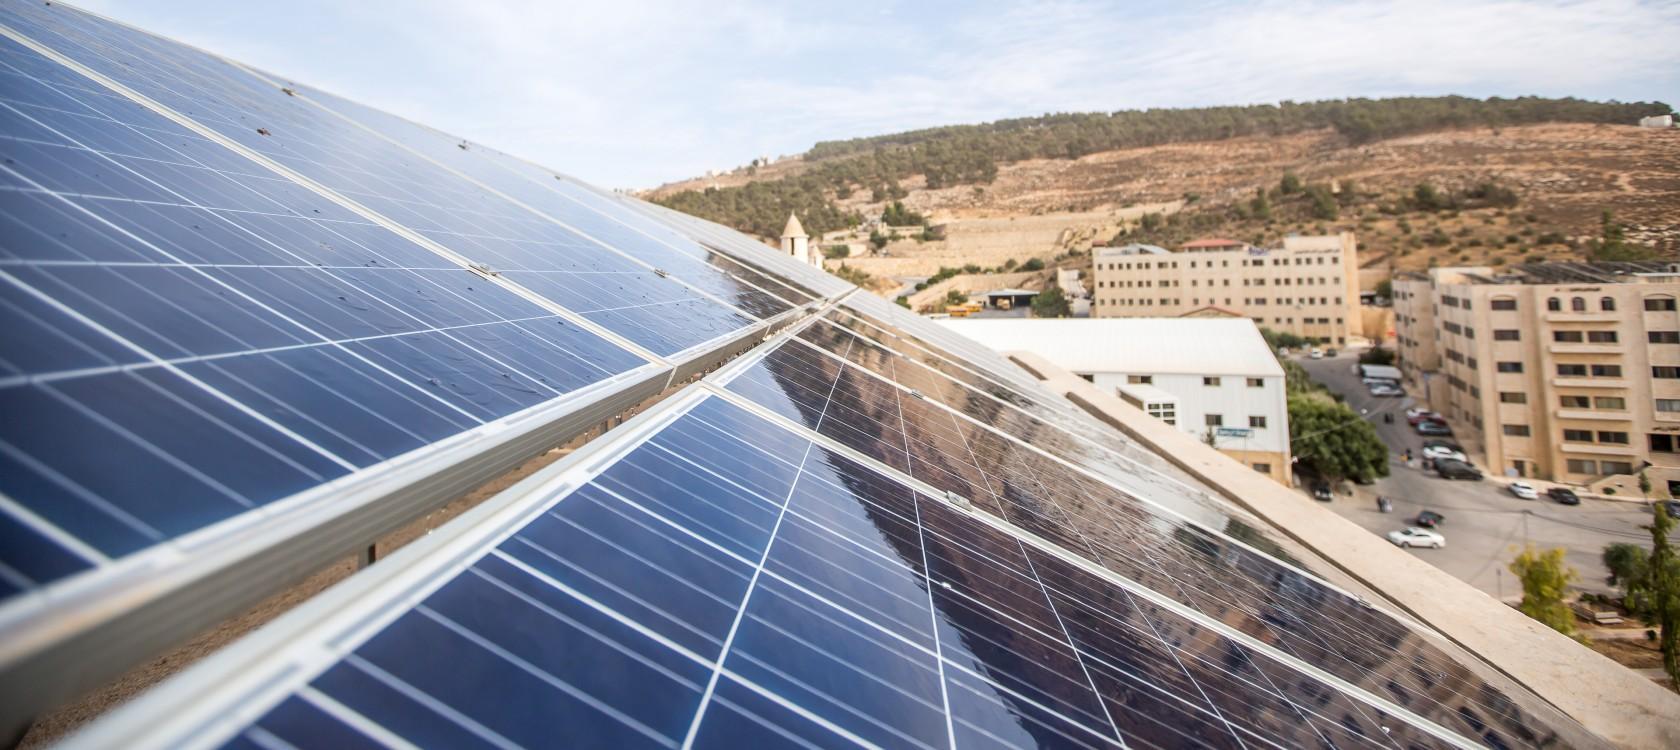 Jordanie, panneaux solaires